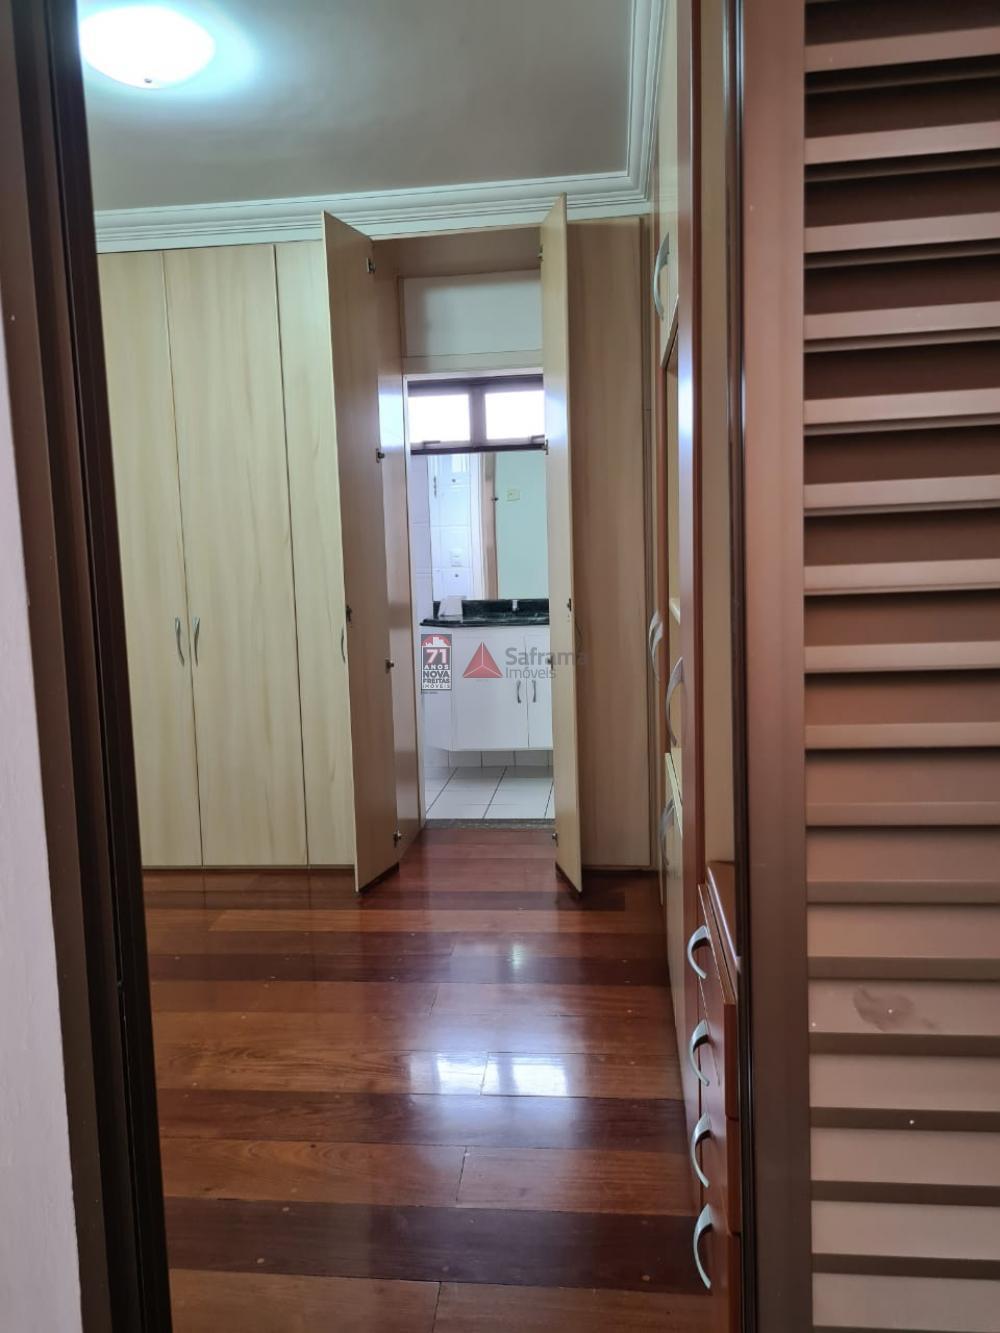 Comprar Apartamento / Padrão em Pindamonhangaba apenas R$ 430.000,00 - Foto 19